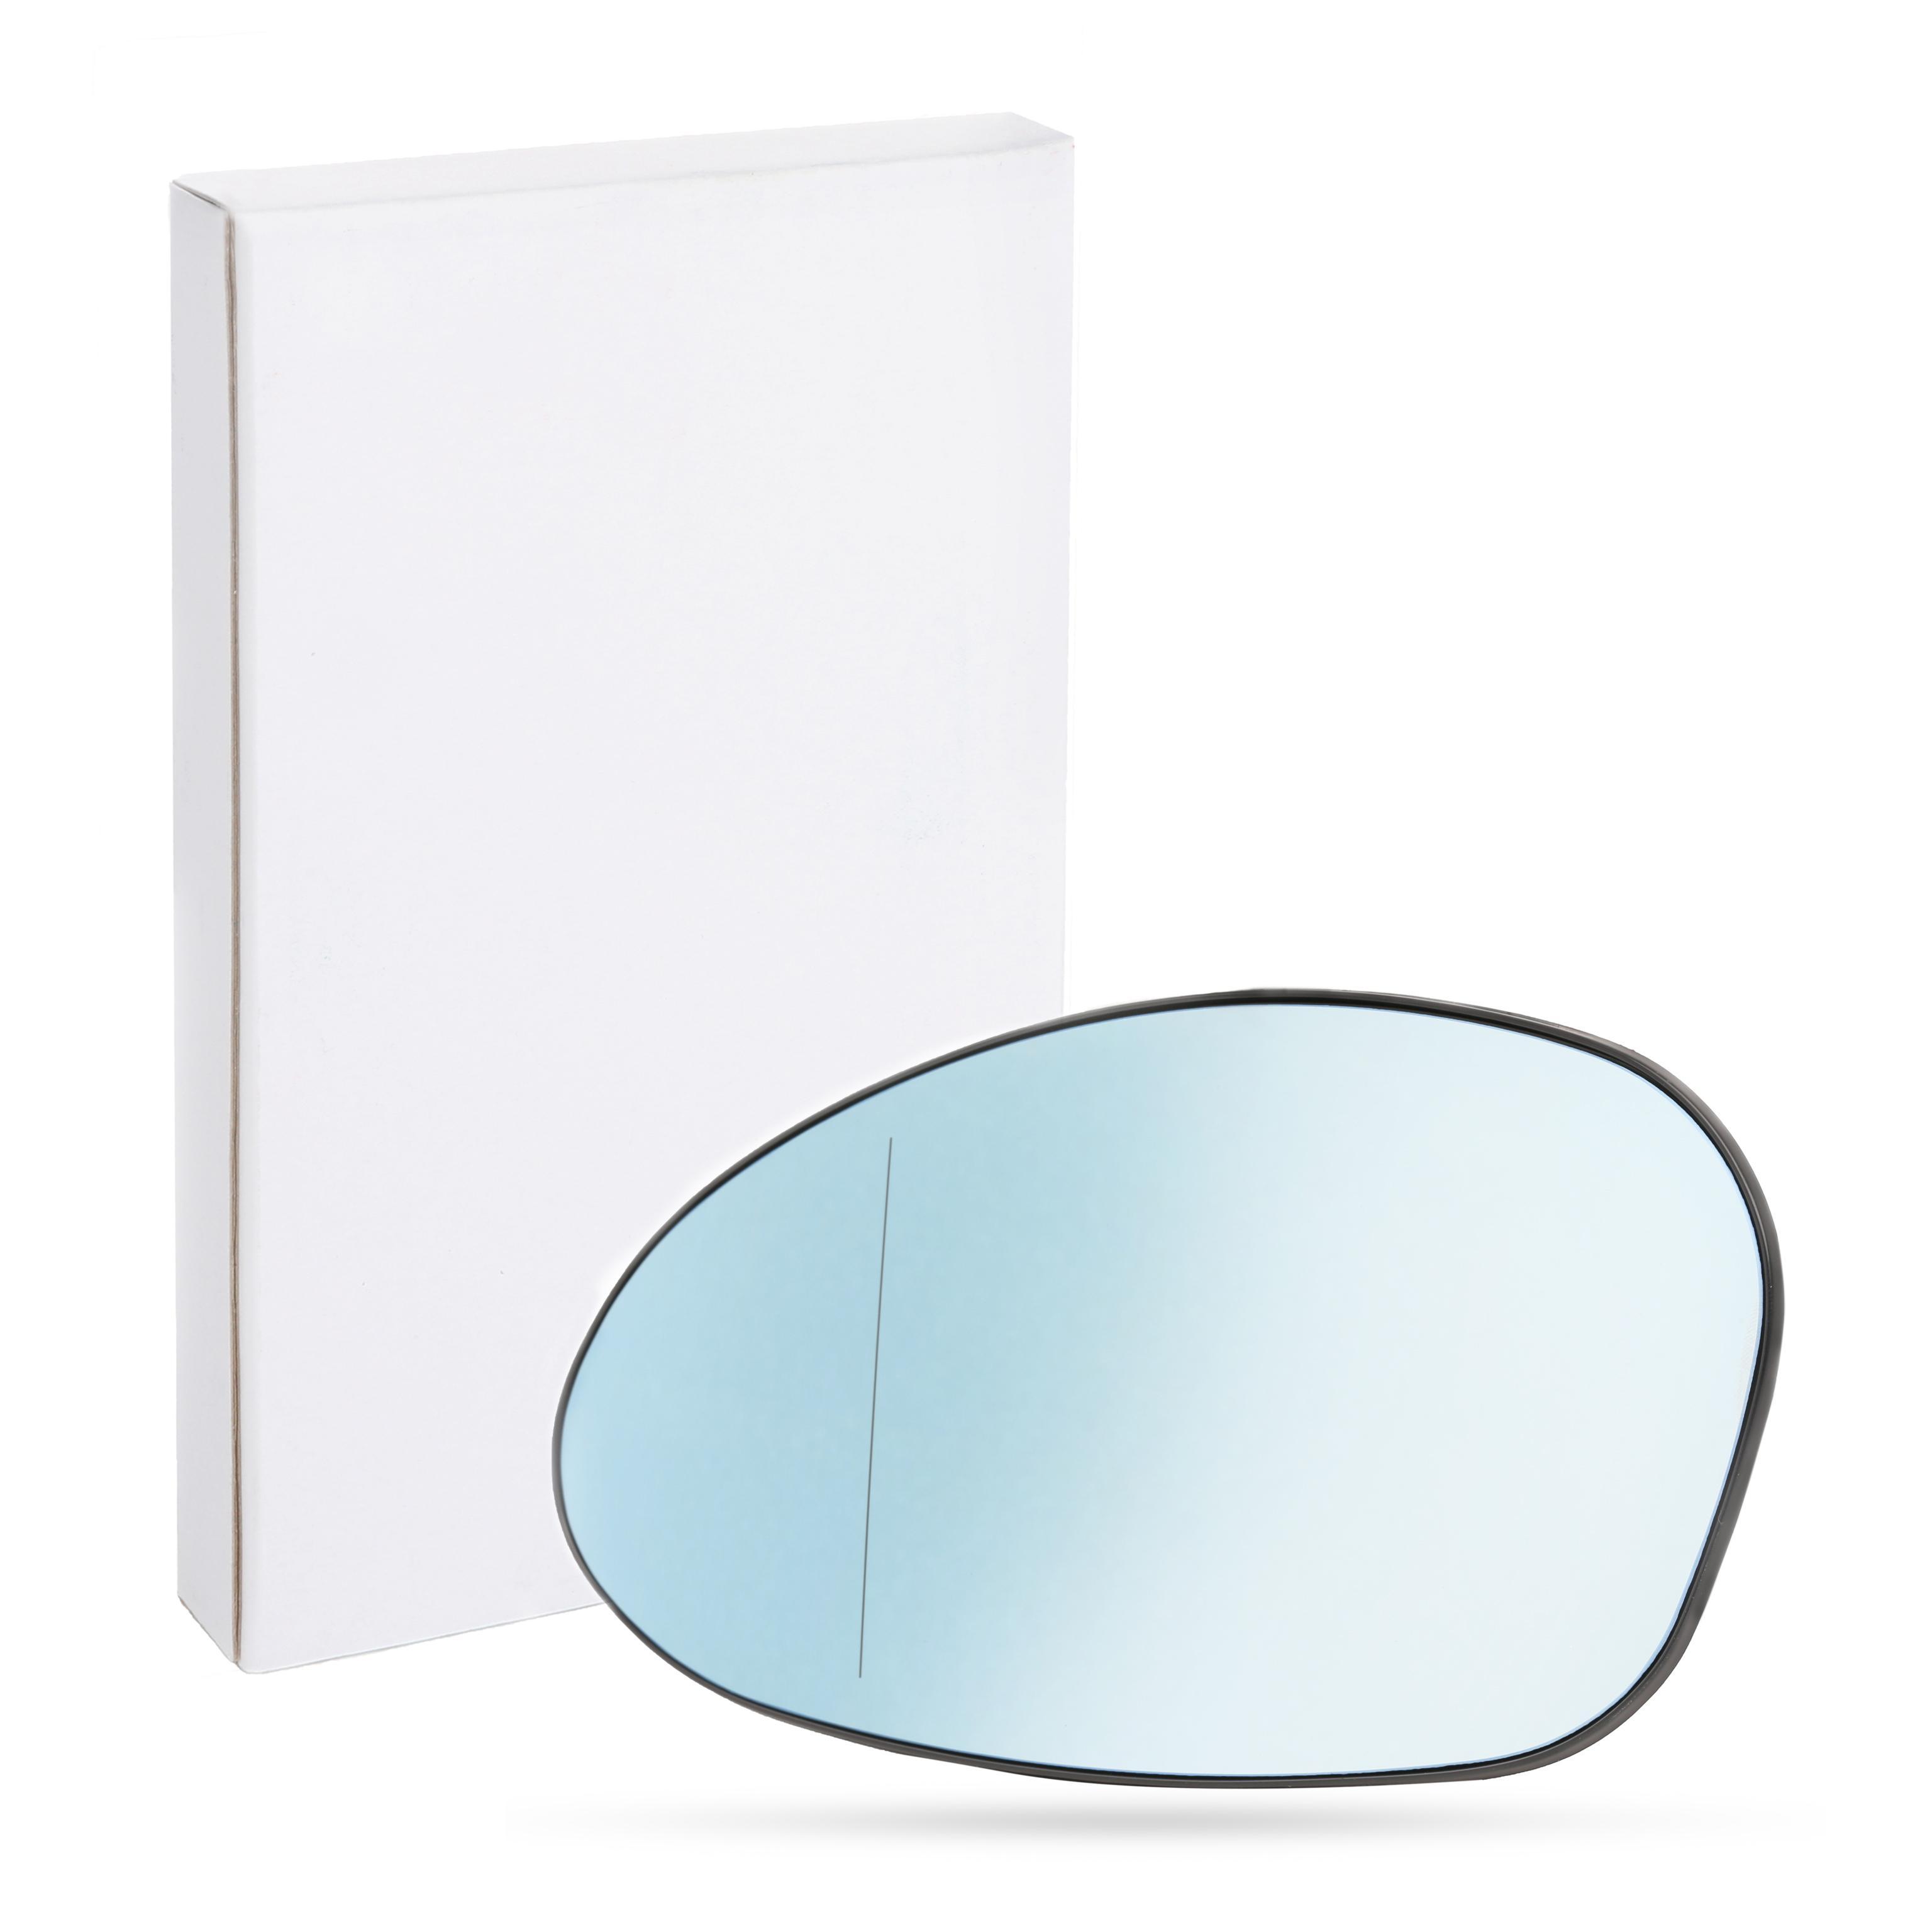 20 01 37-81 JOHNS links Spiegelglas, Außenspiegel 20 01 37-81 günstig kaufen